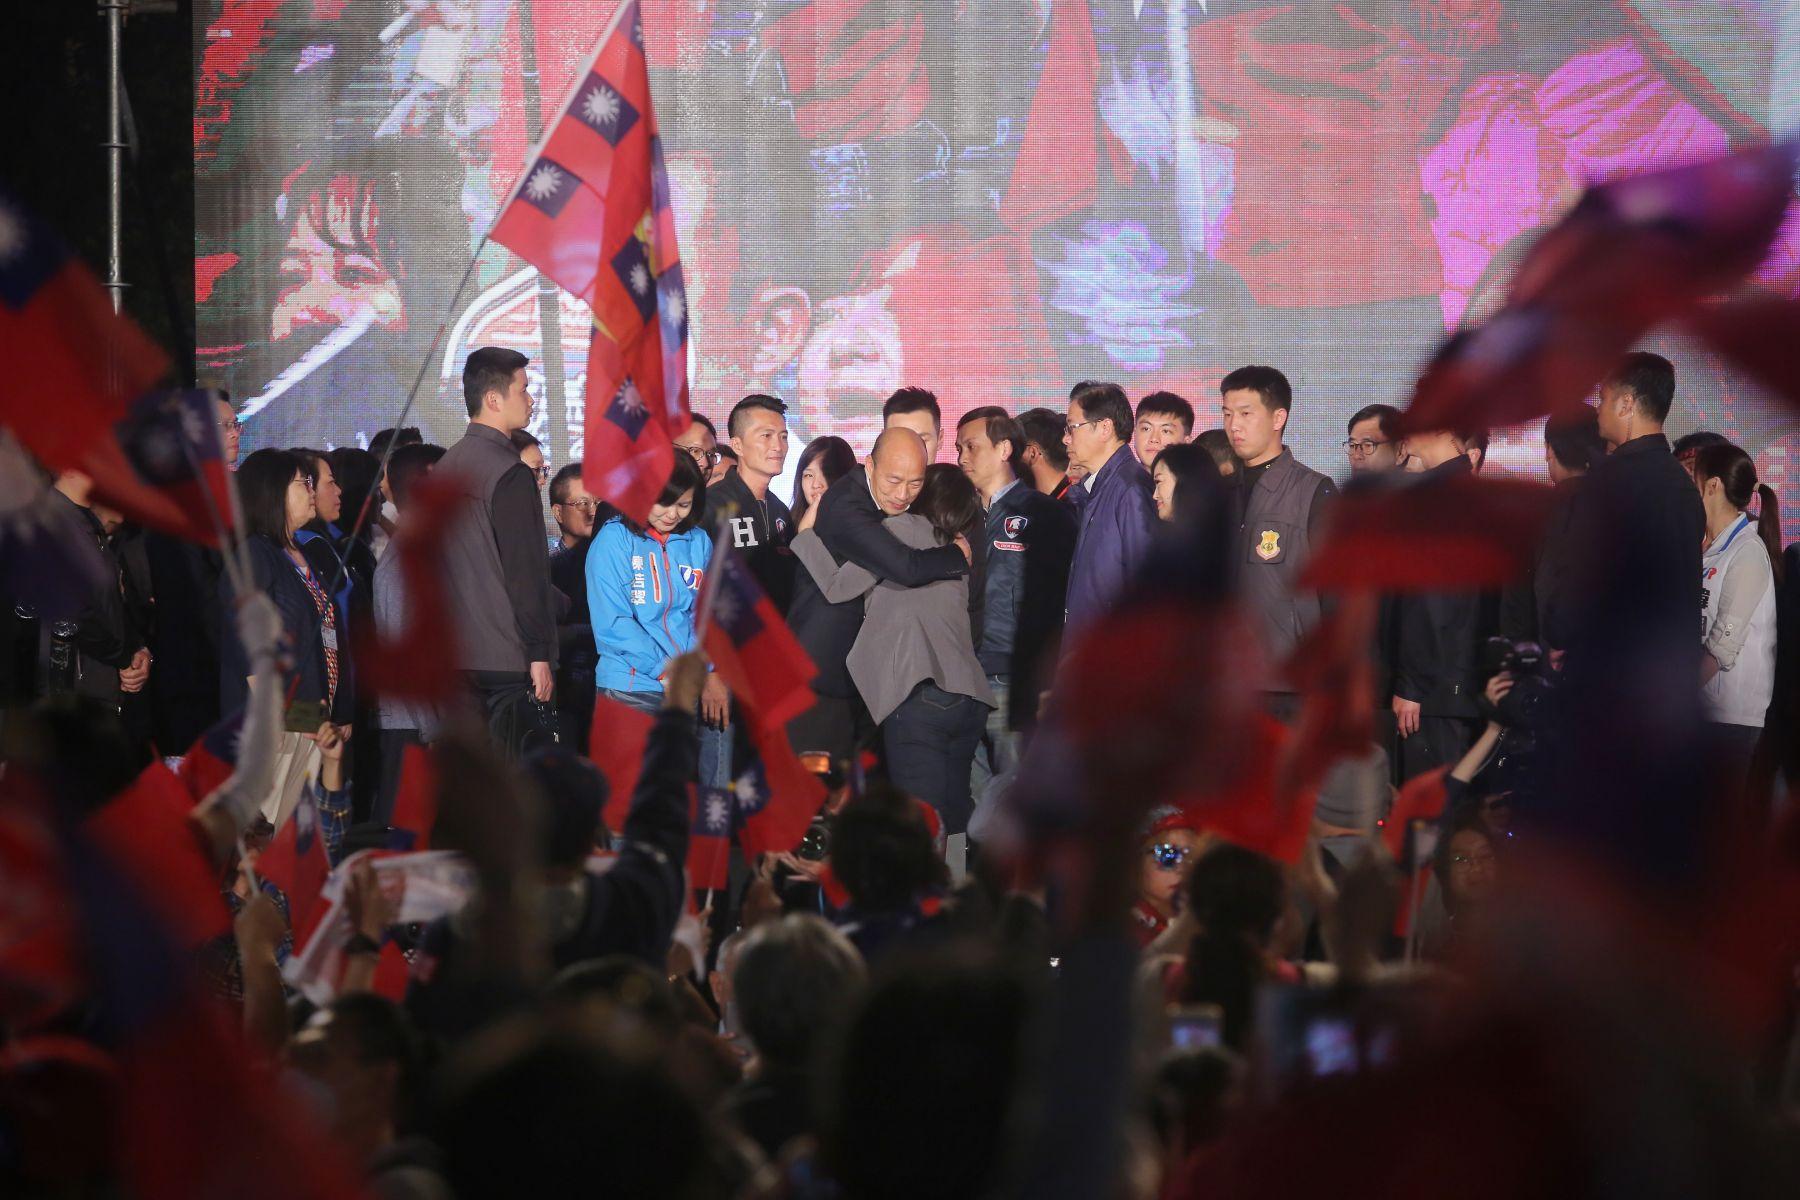 慘輸265萬票!韓國瑜踩3大致命地雷,走向敗選之路